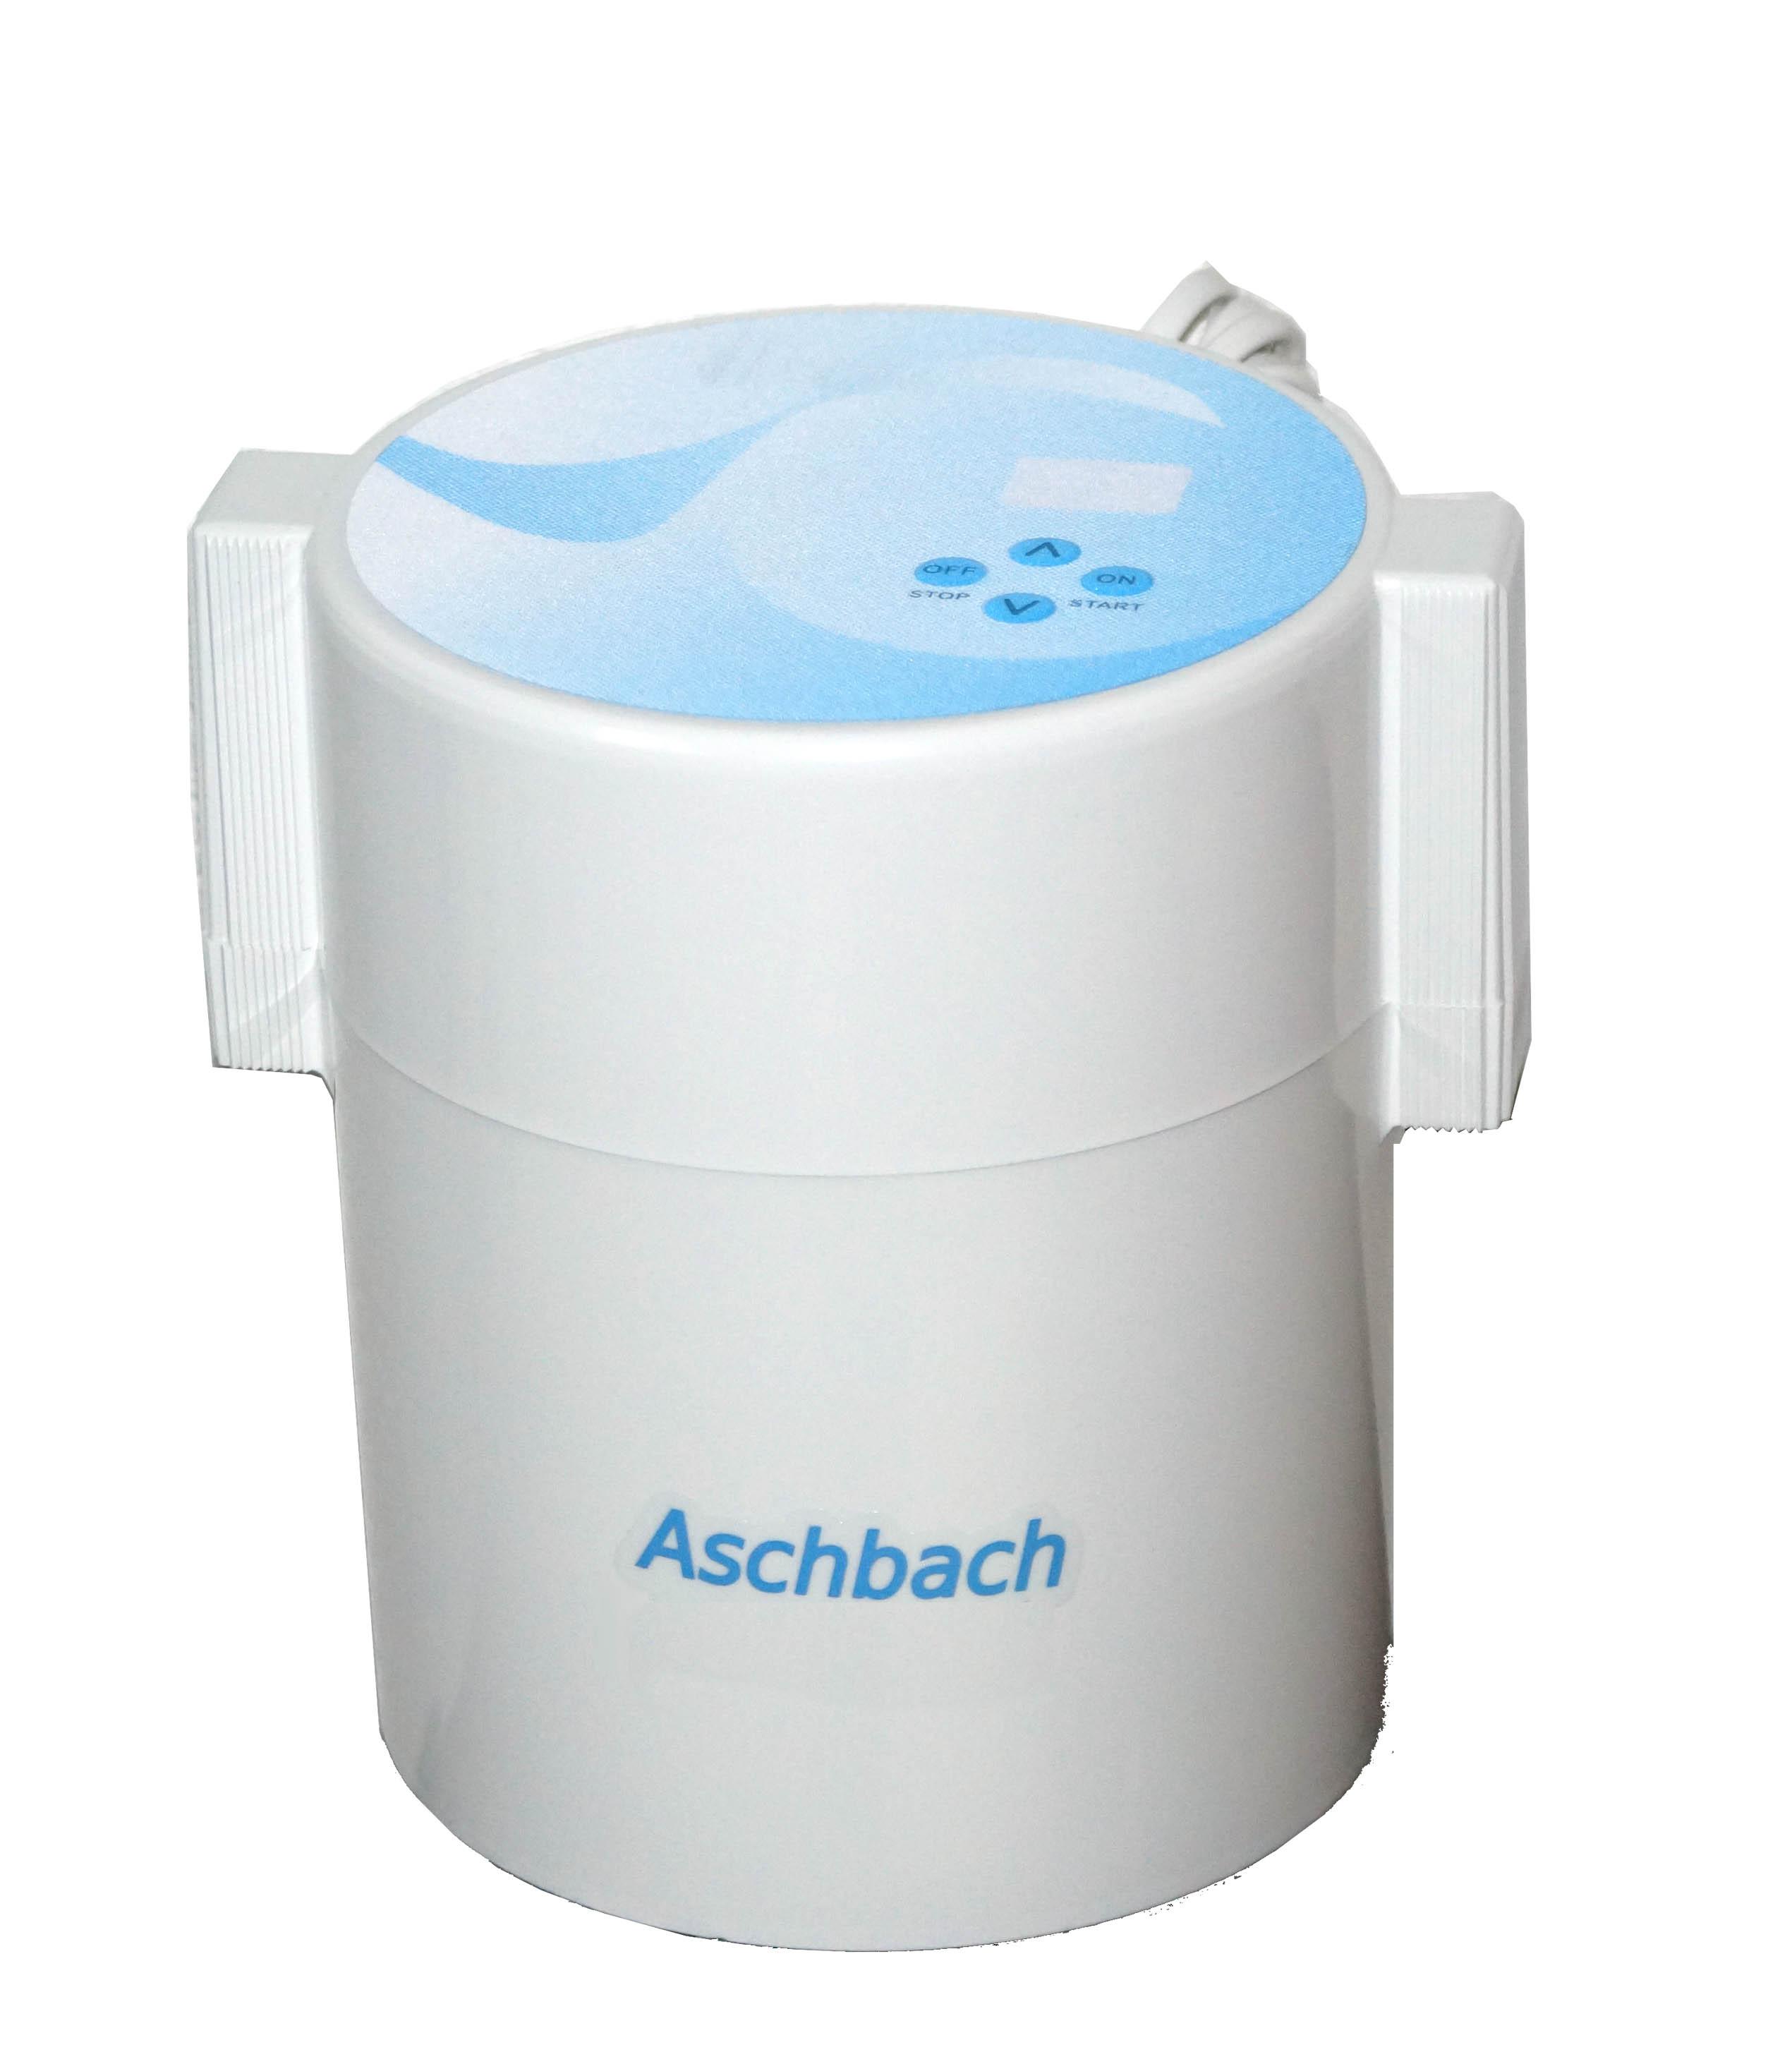 Ионизатор воды Ашбах 03